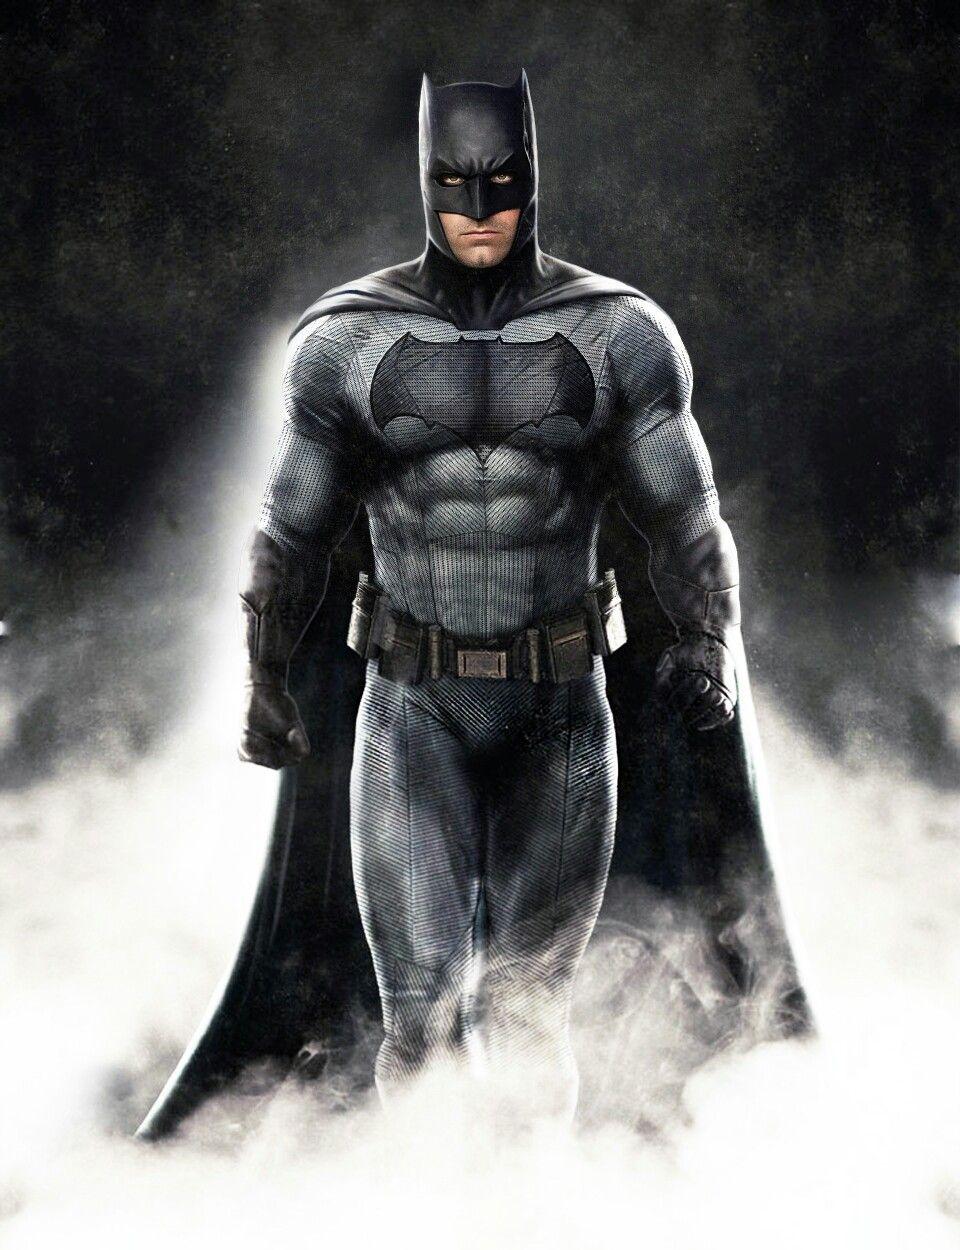 The Batman Ben Affleck Batman Batman Batman Injustice